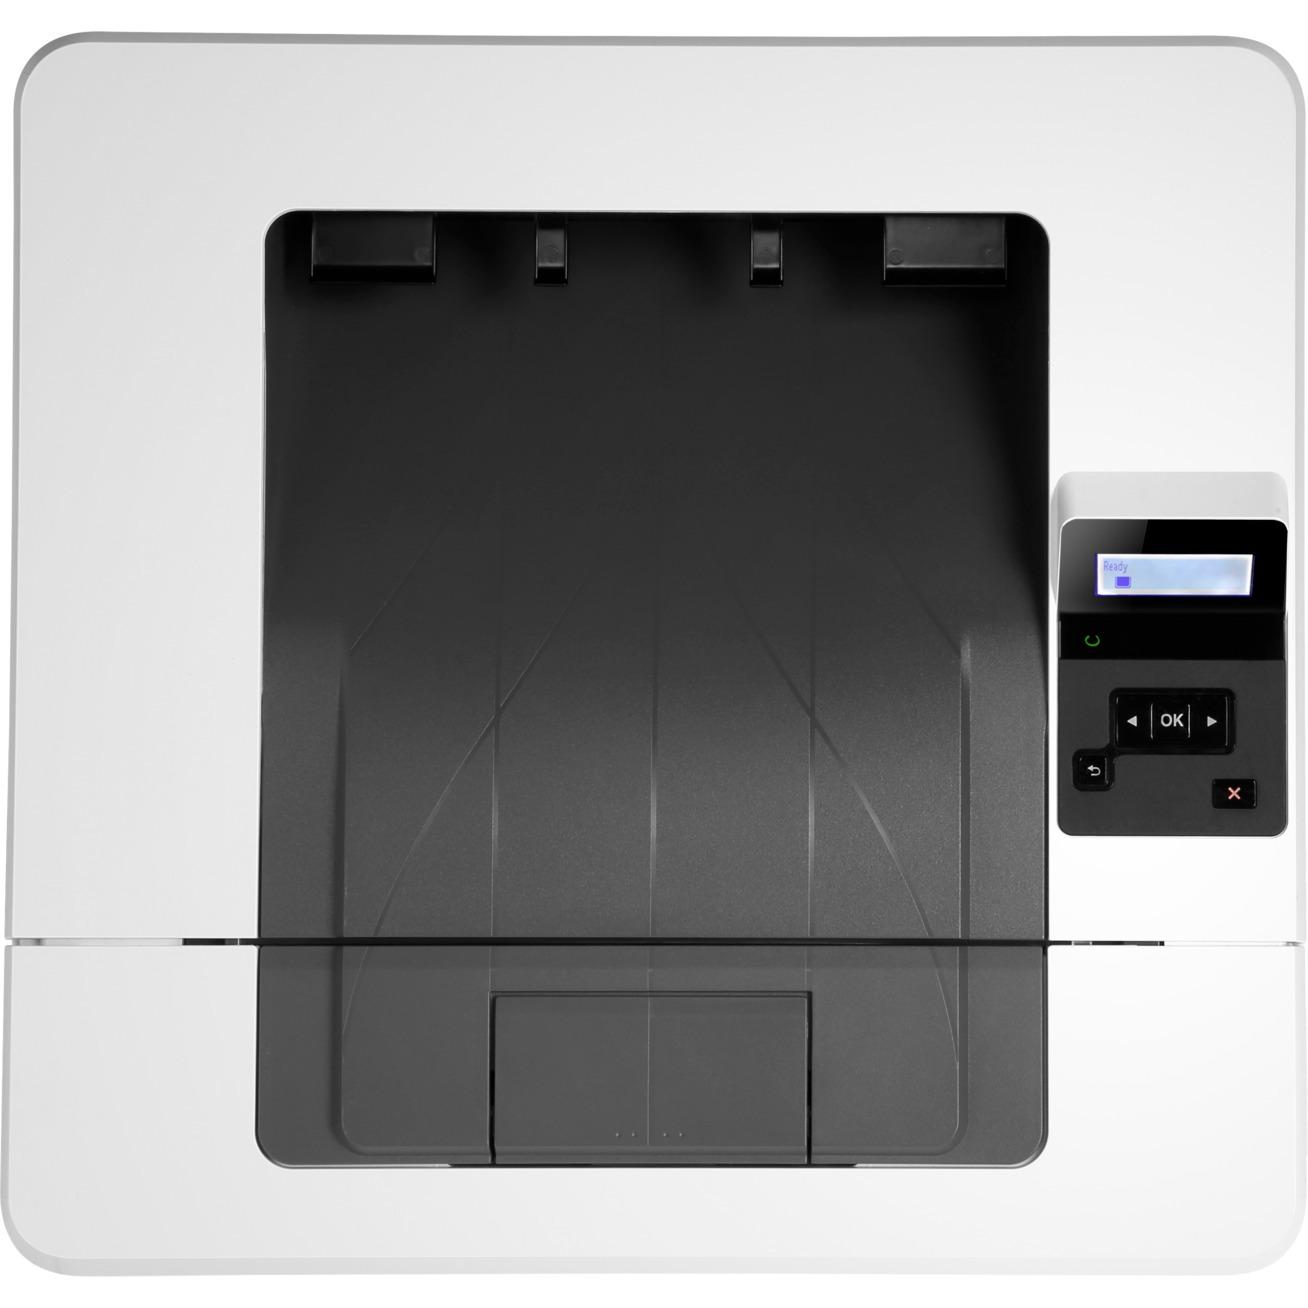 HP LaserJet Pro M404 M404n Laser Printer - Monochrome